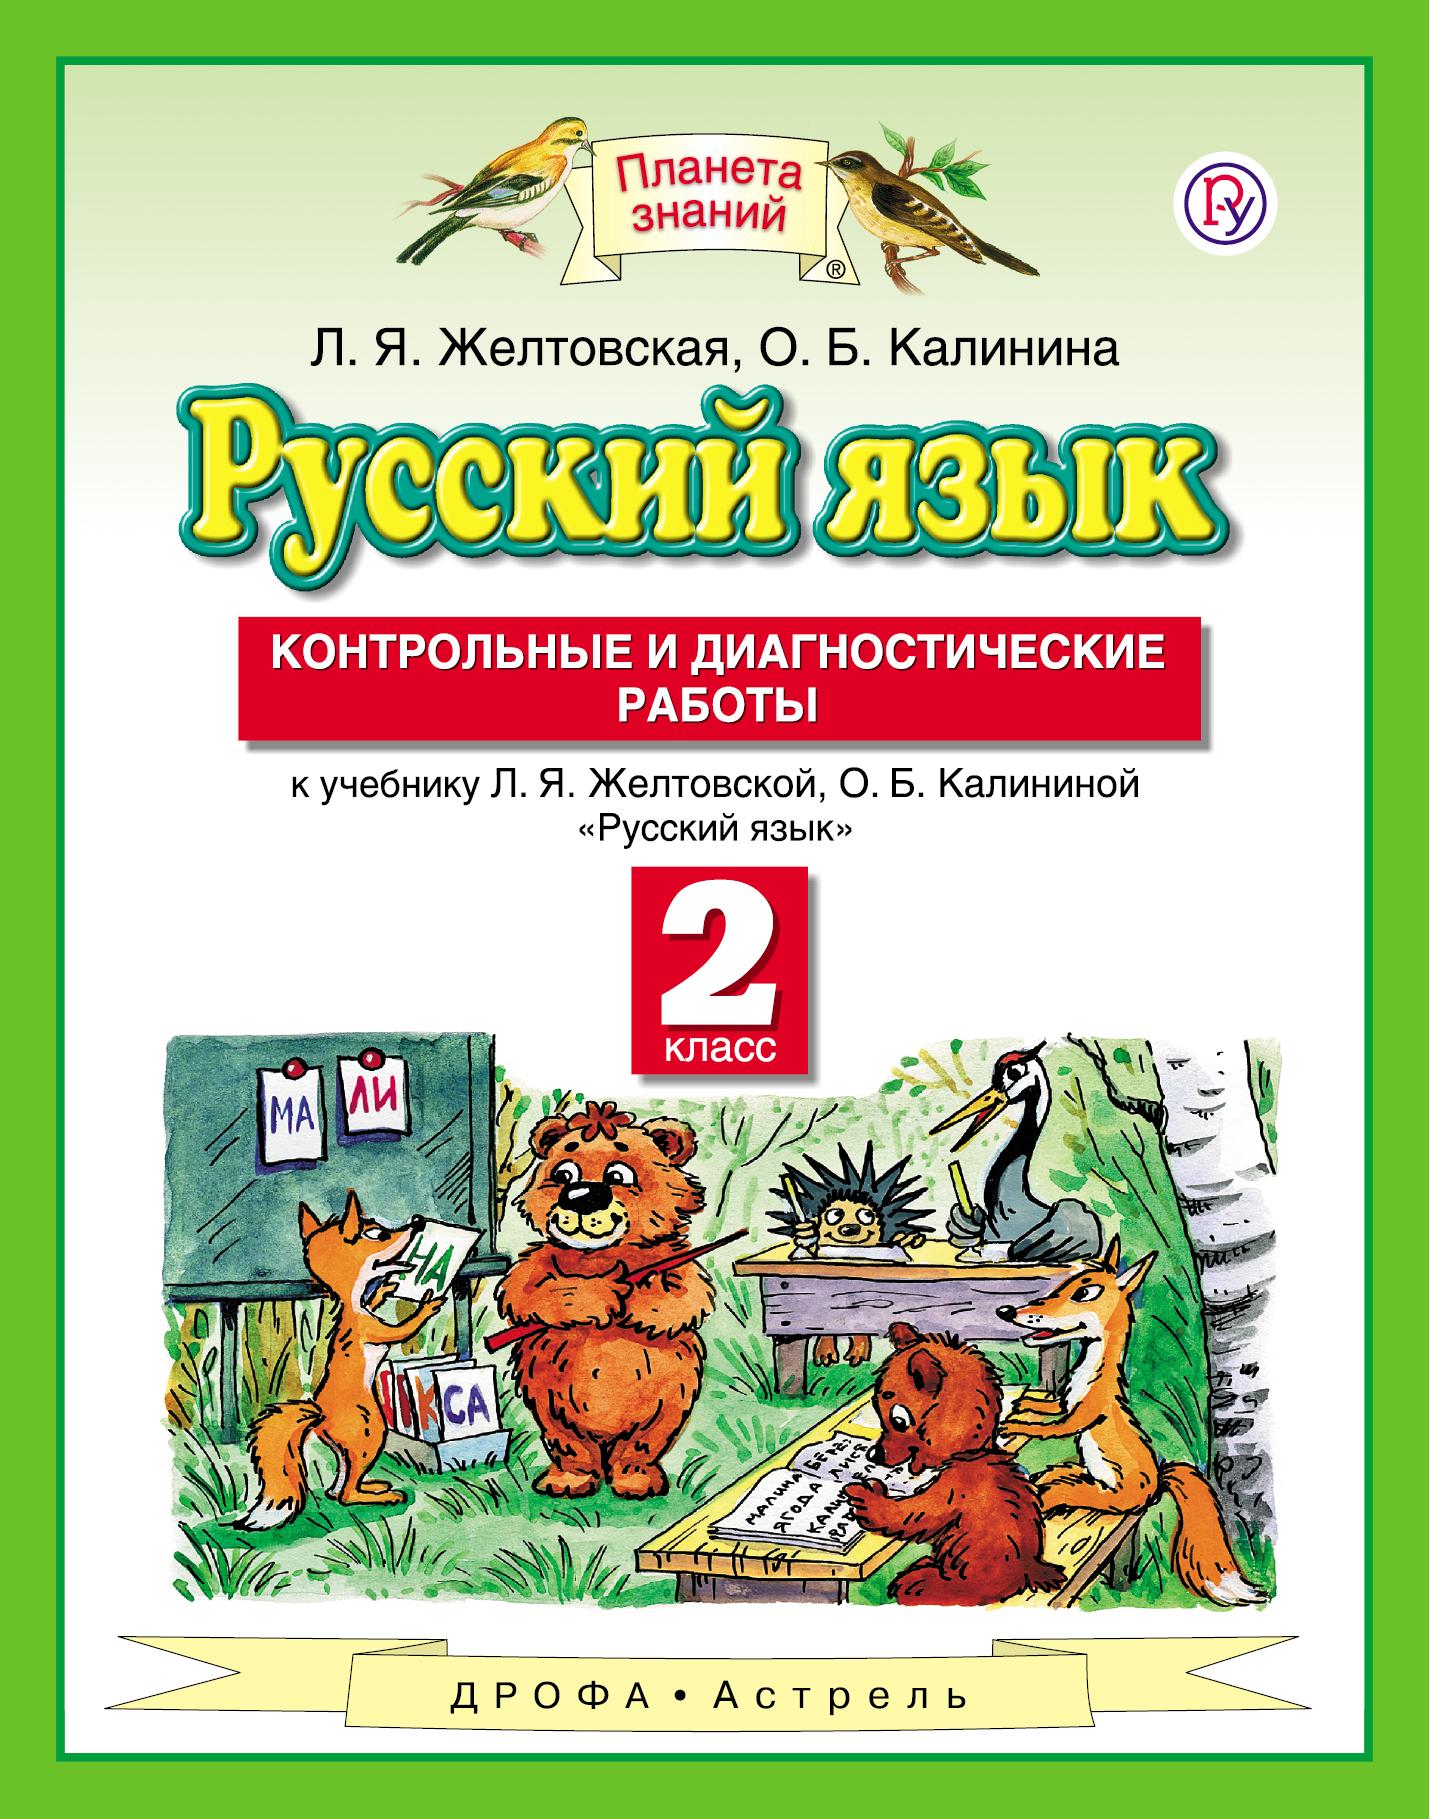 Л. Я. Желтовская, О. Б. Калинина Русский язык. 2 класс. Контрольные и диагностические работы цены